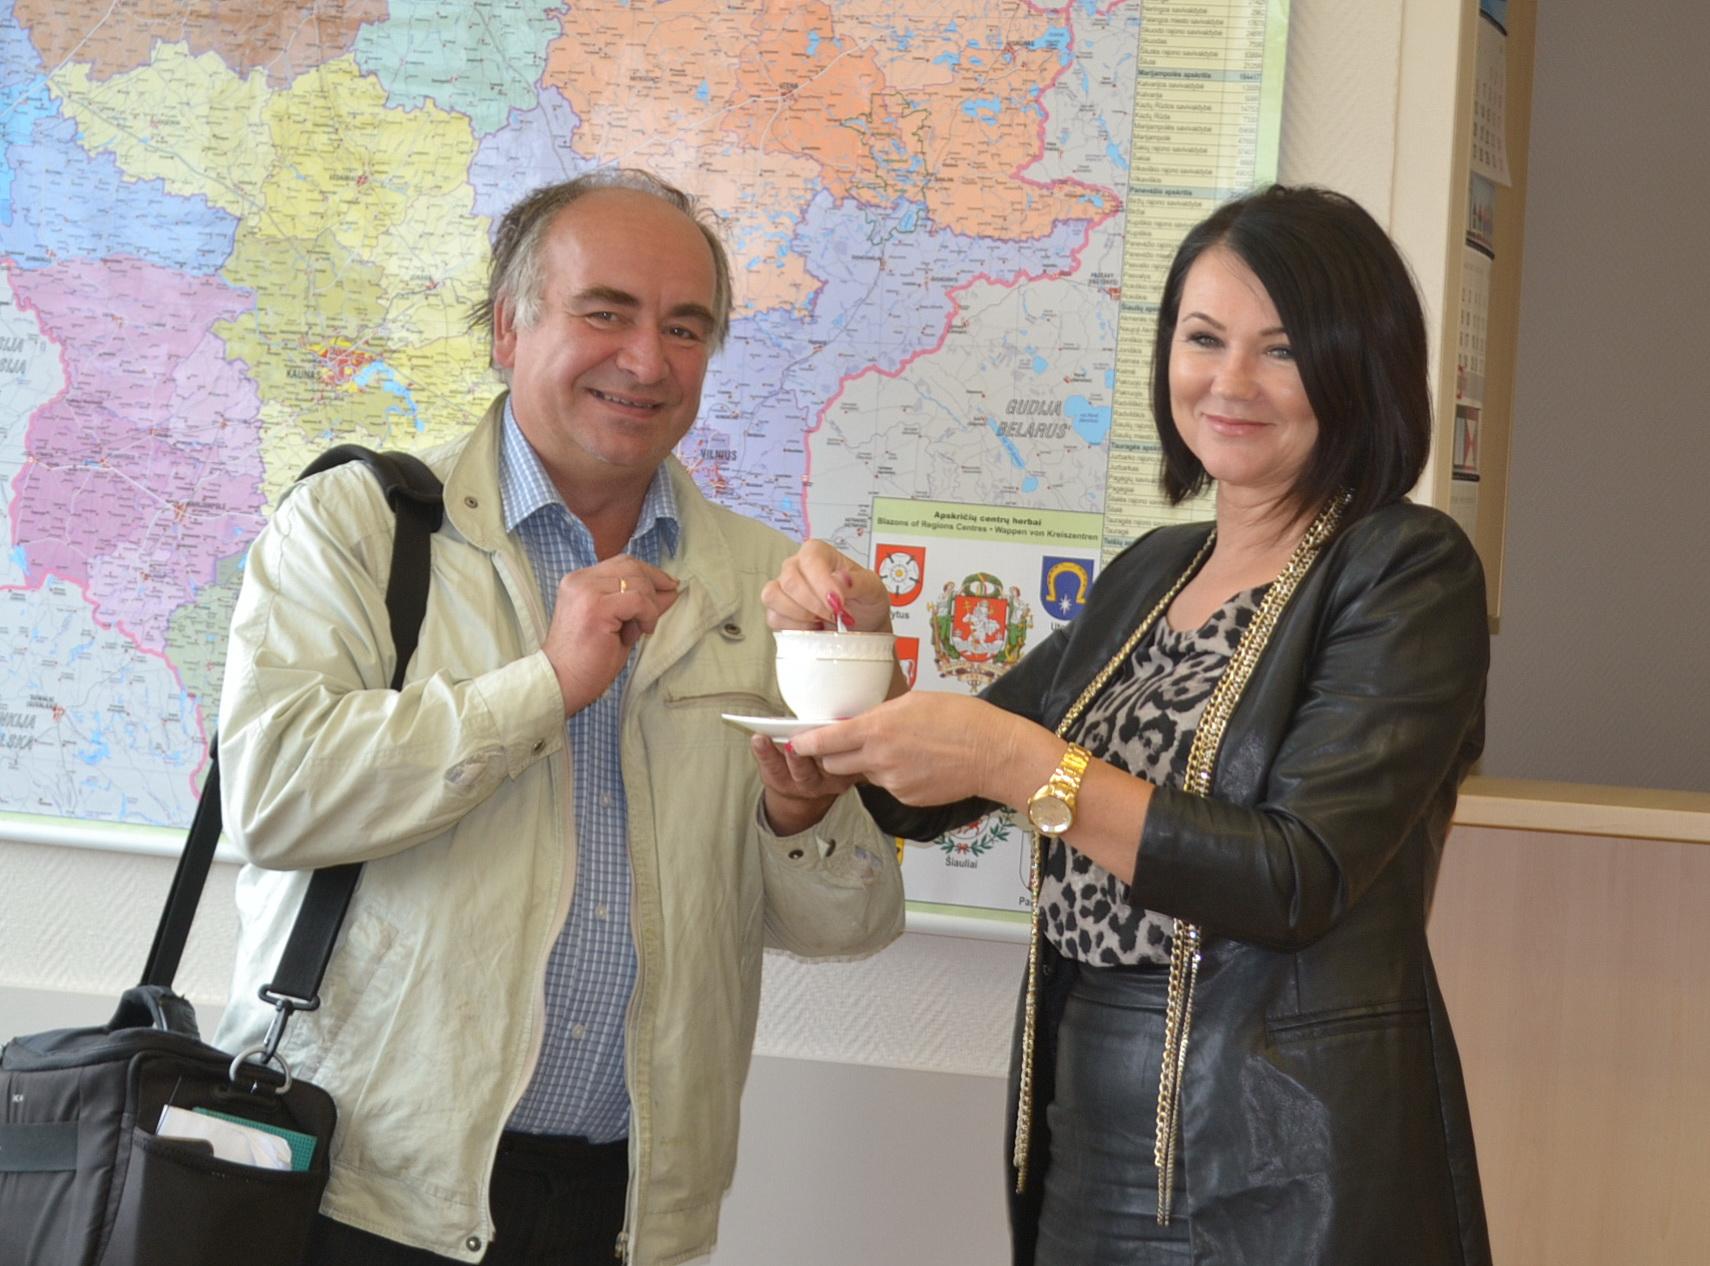 Žiniasklaidininkas Sigitas neatsispyrė mero referentės Loretos gundymui išgerti nemokamai kavos...